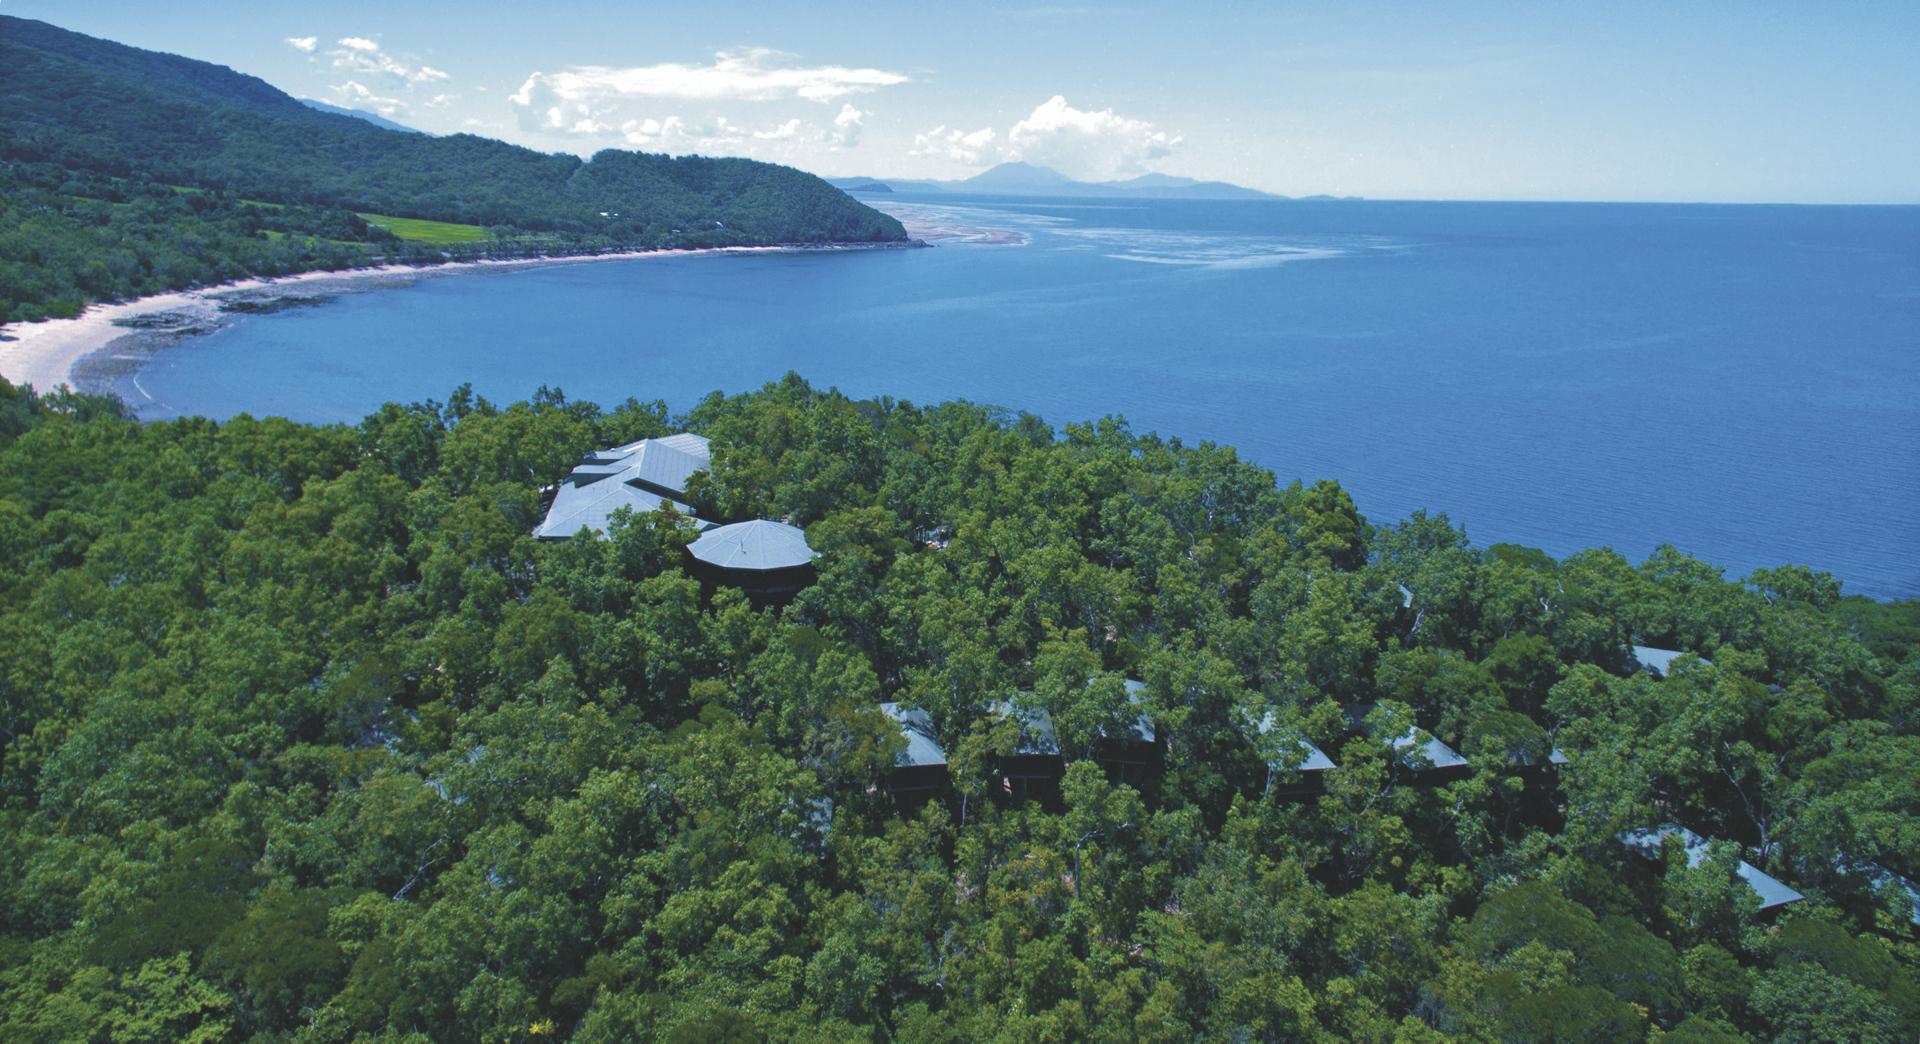 Blick auf das Resort und die Küste